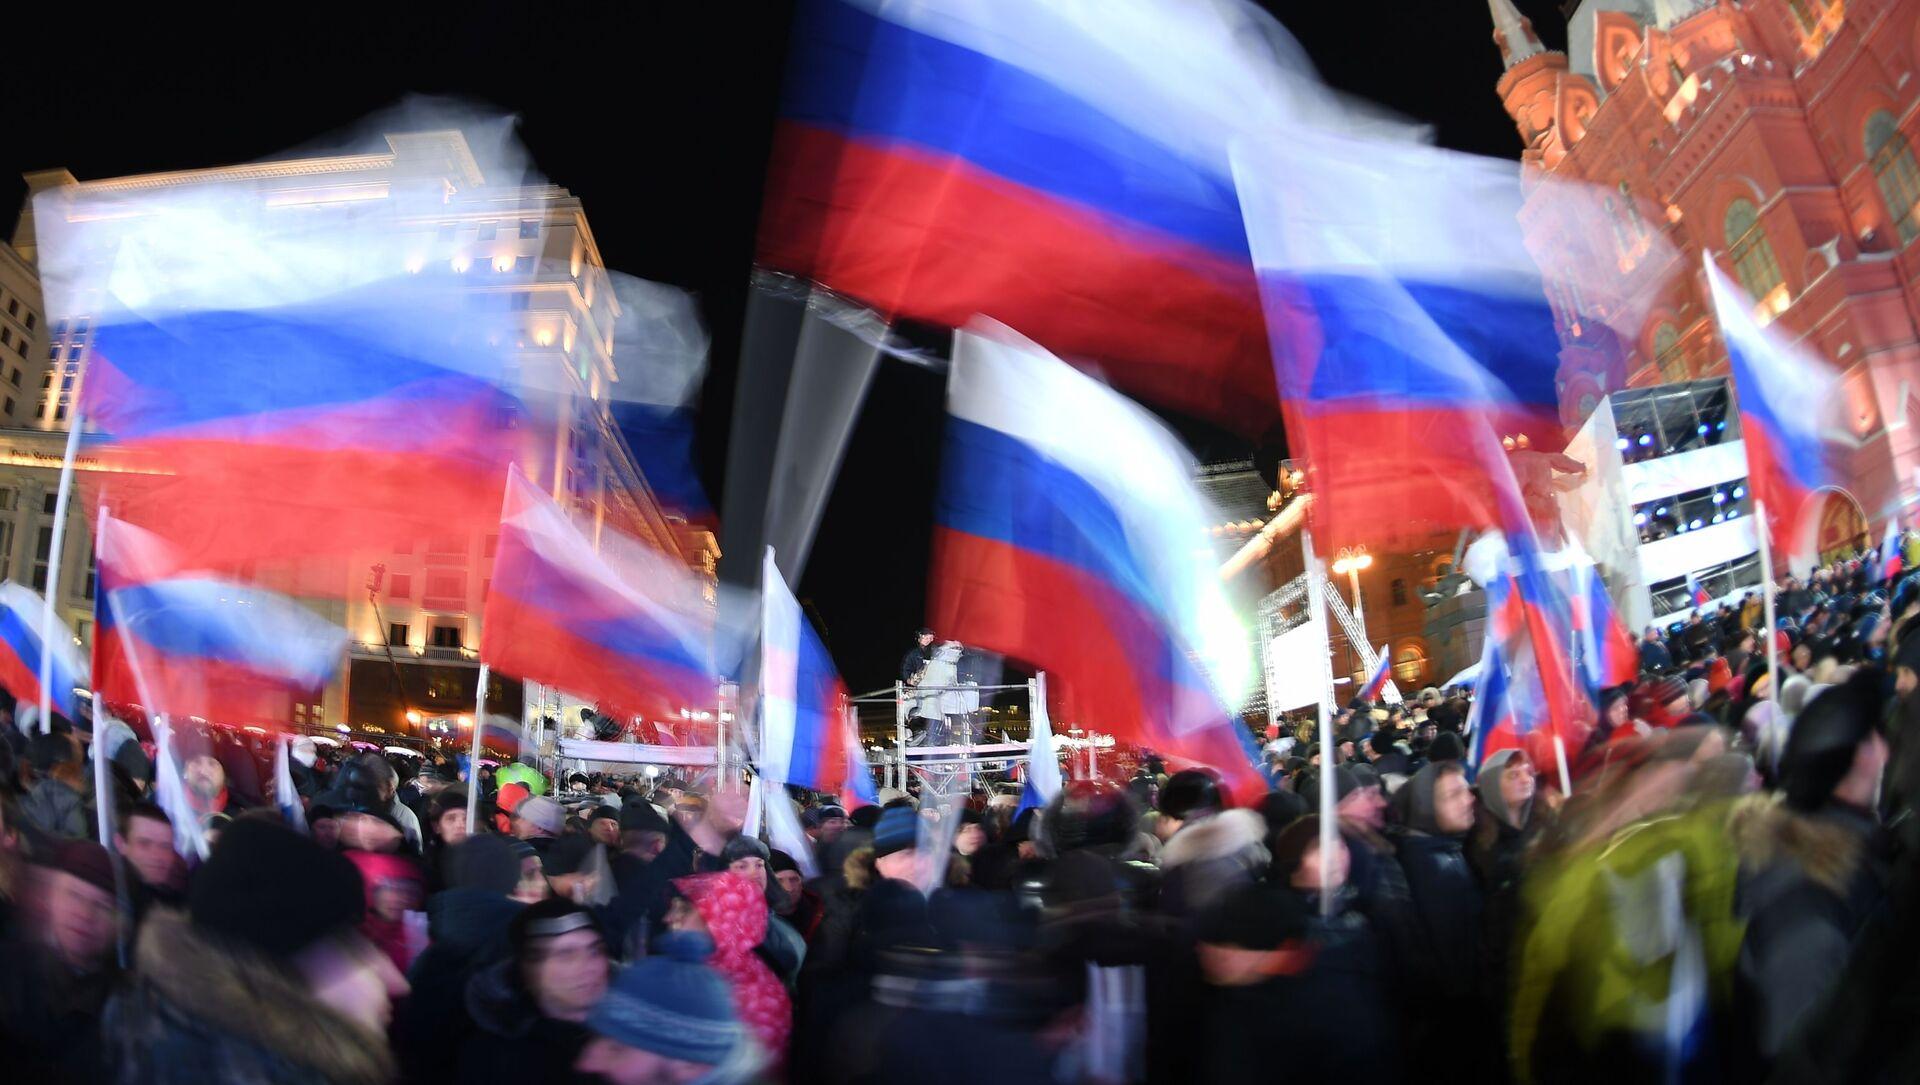 Koncert w Moskwie poświęcony rocznicy połączenia Krymu z Rosją - Sputnik Polska, 1920, 20.02.2021